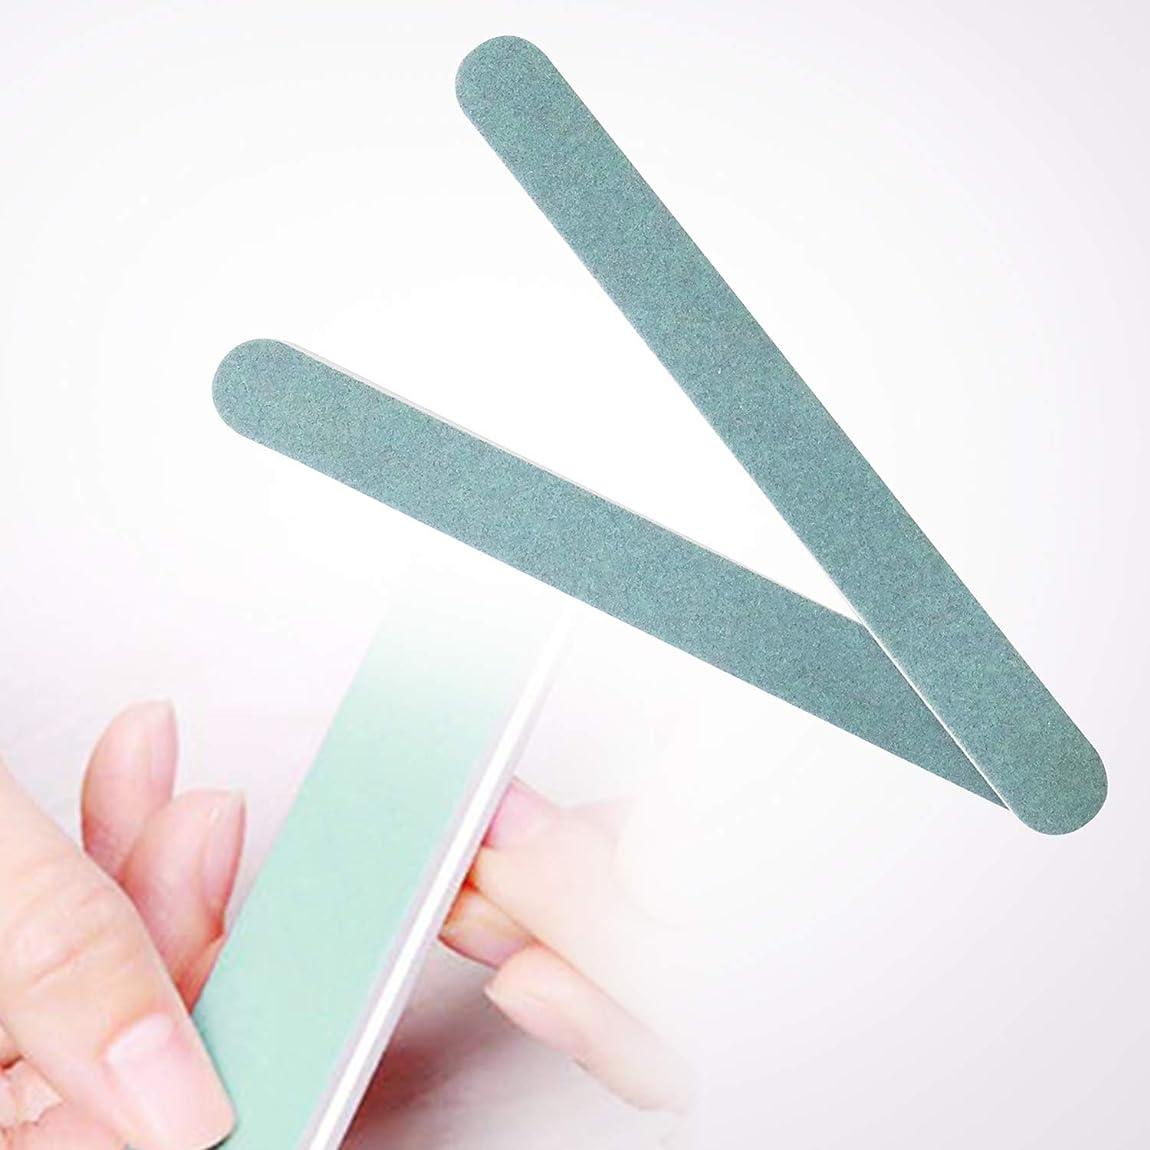 異常な一致乙女urlifeエリコネイル エメリーボード パーフェクトシャイン ネイルをつやつやにするスポンジネイルファイル 両面使えるマニキュアDIYのソフトファイル 爪磨き 爪に優しい爪やすり 2本入